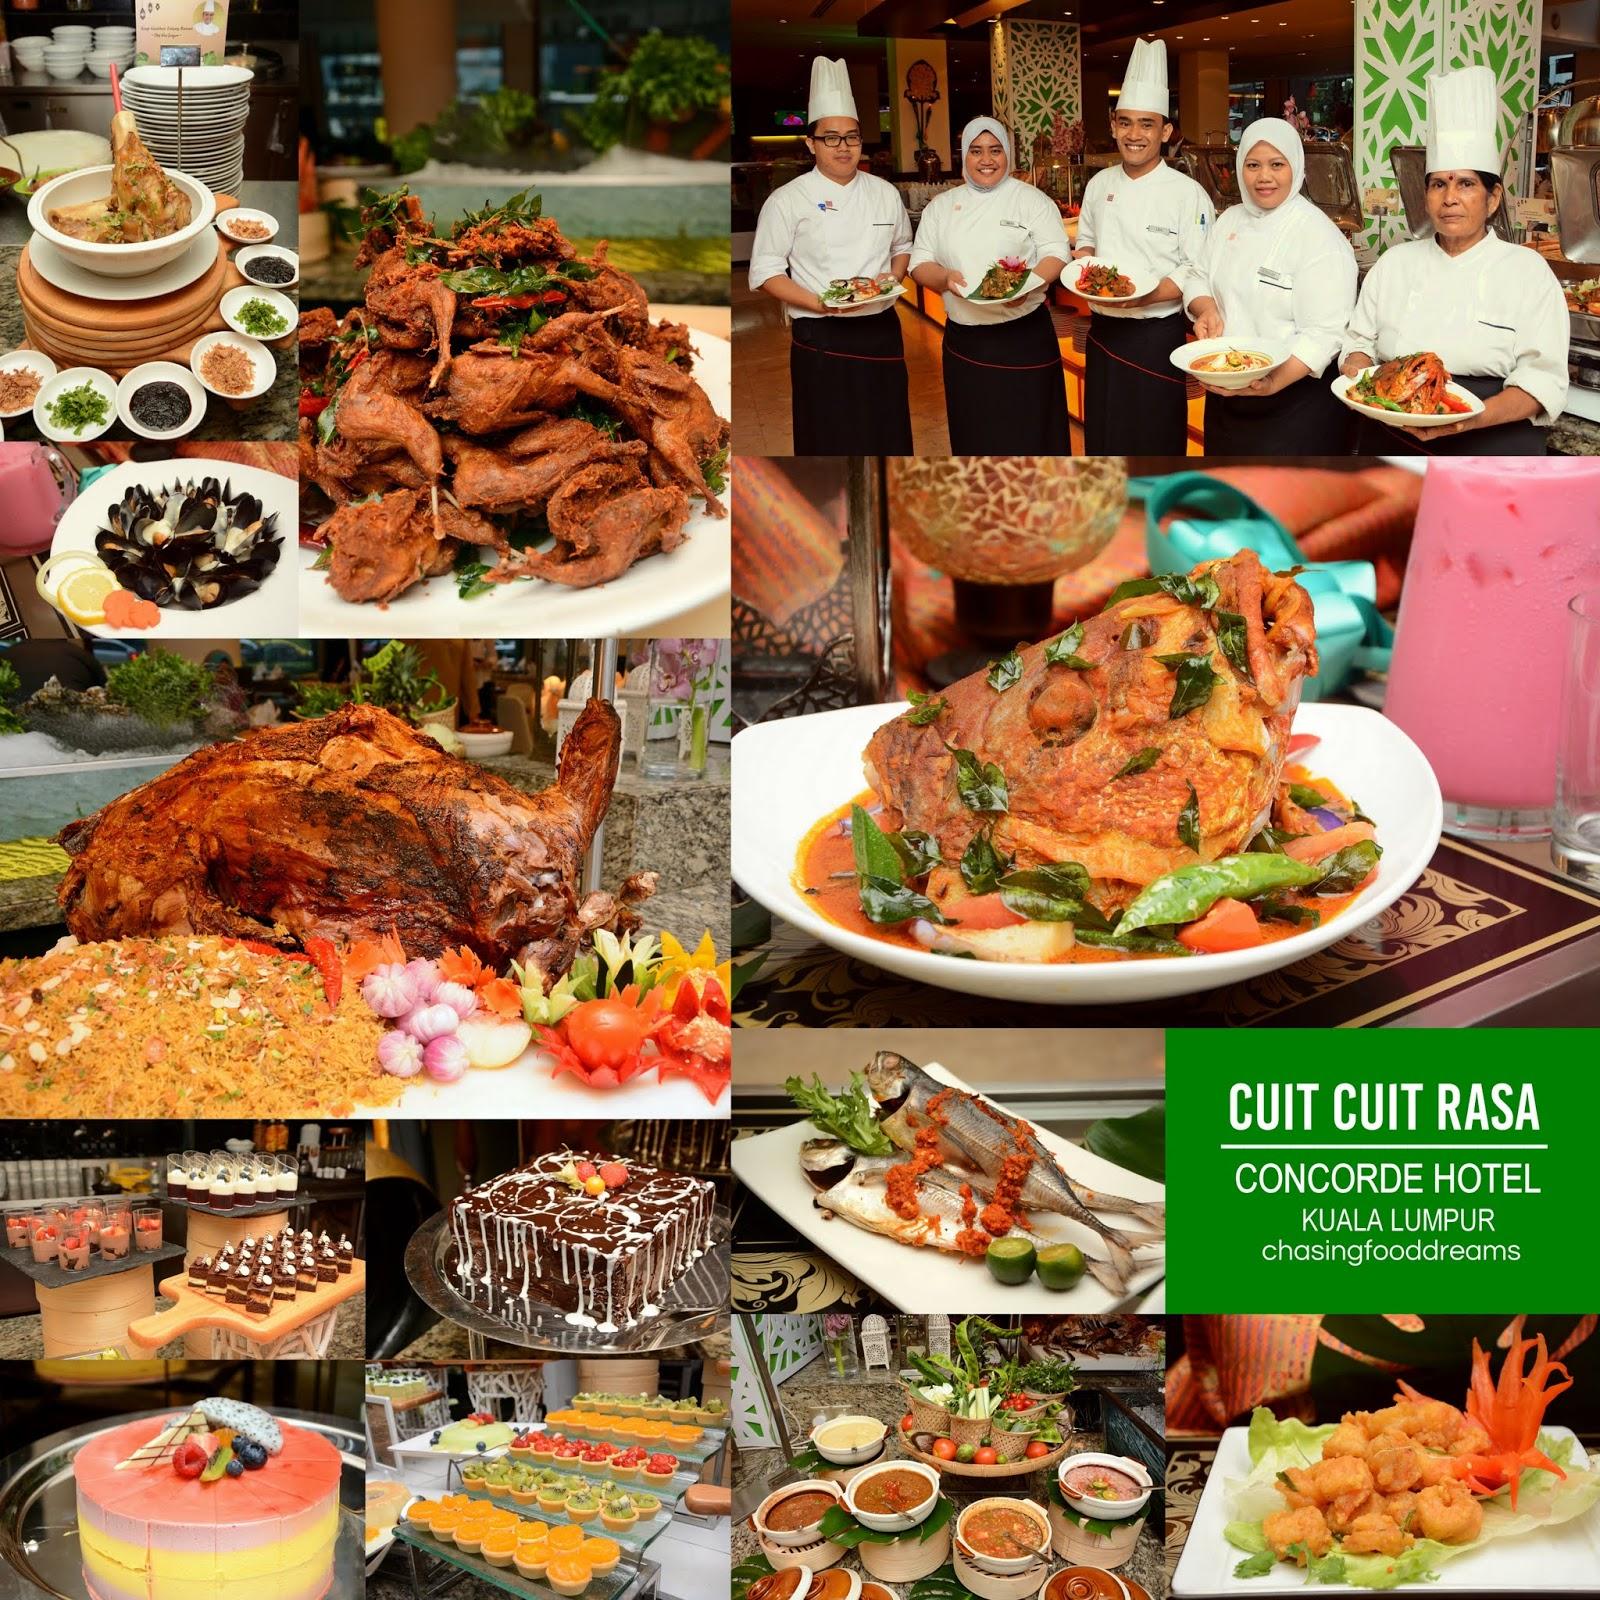 Chasing Food Dreams Buka Puasa Buffet Melting Pot Cafe Concorde